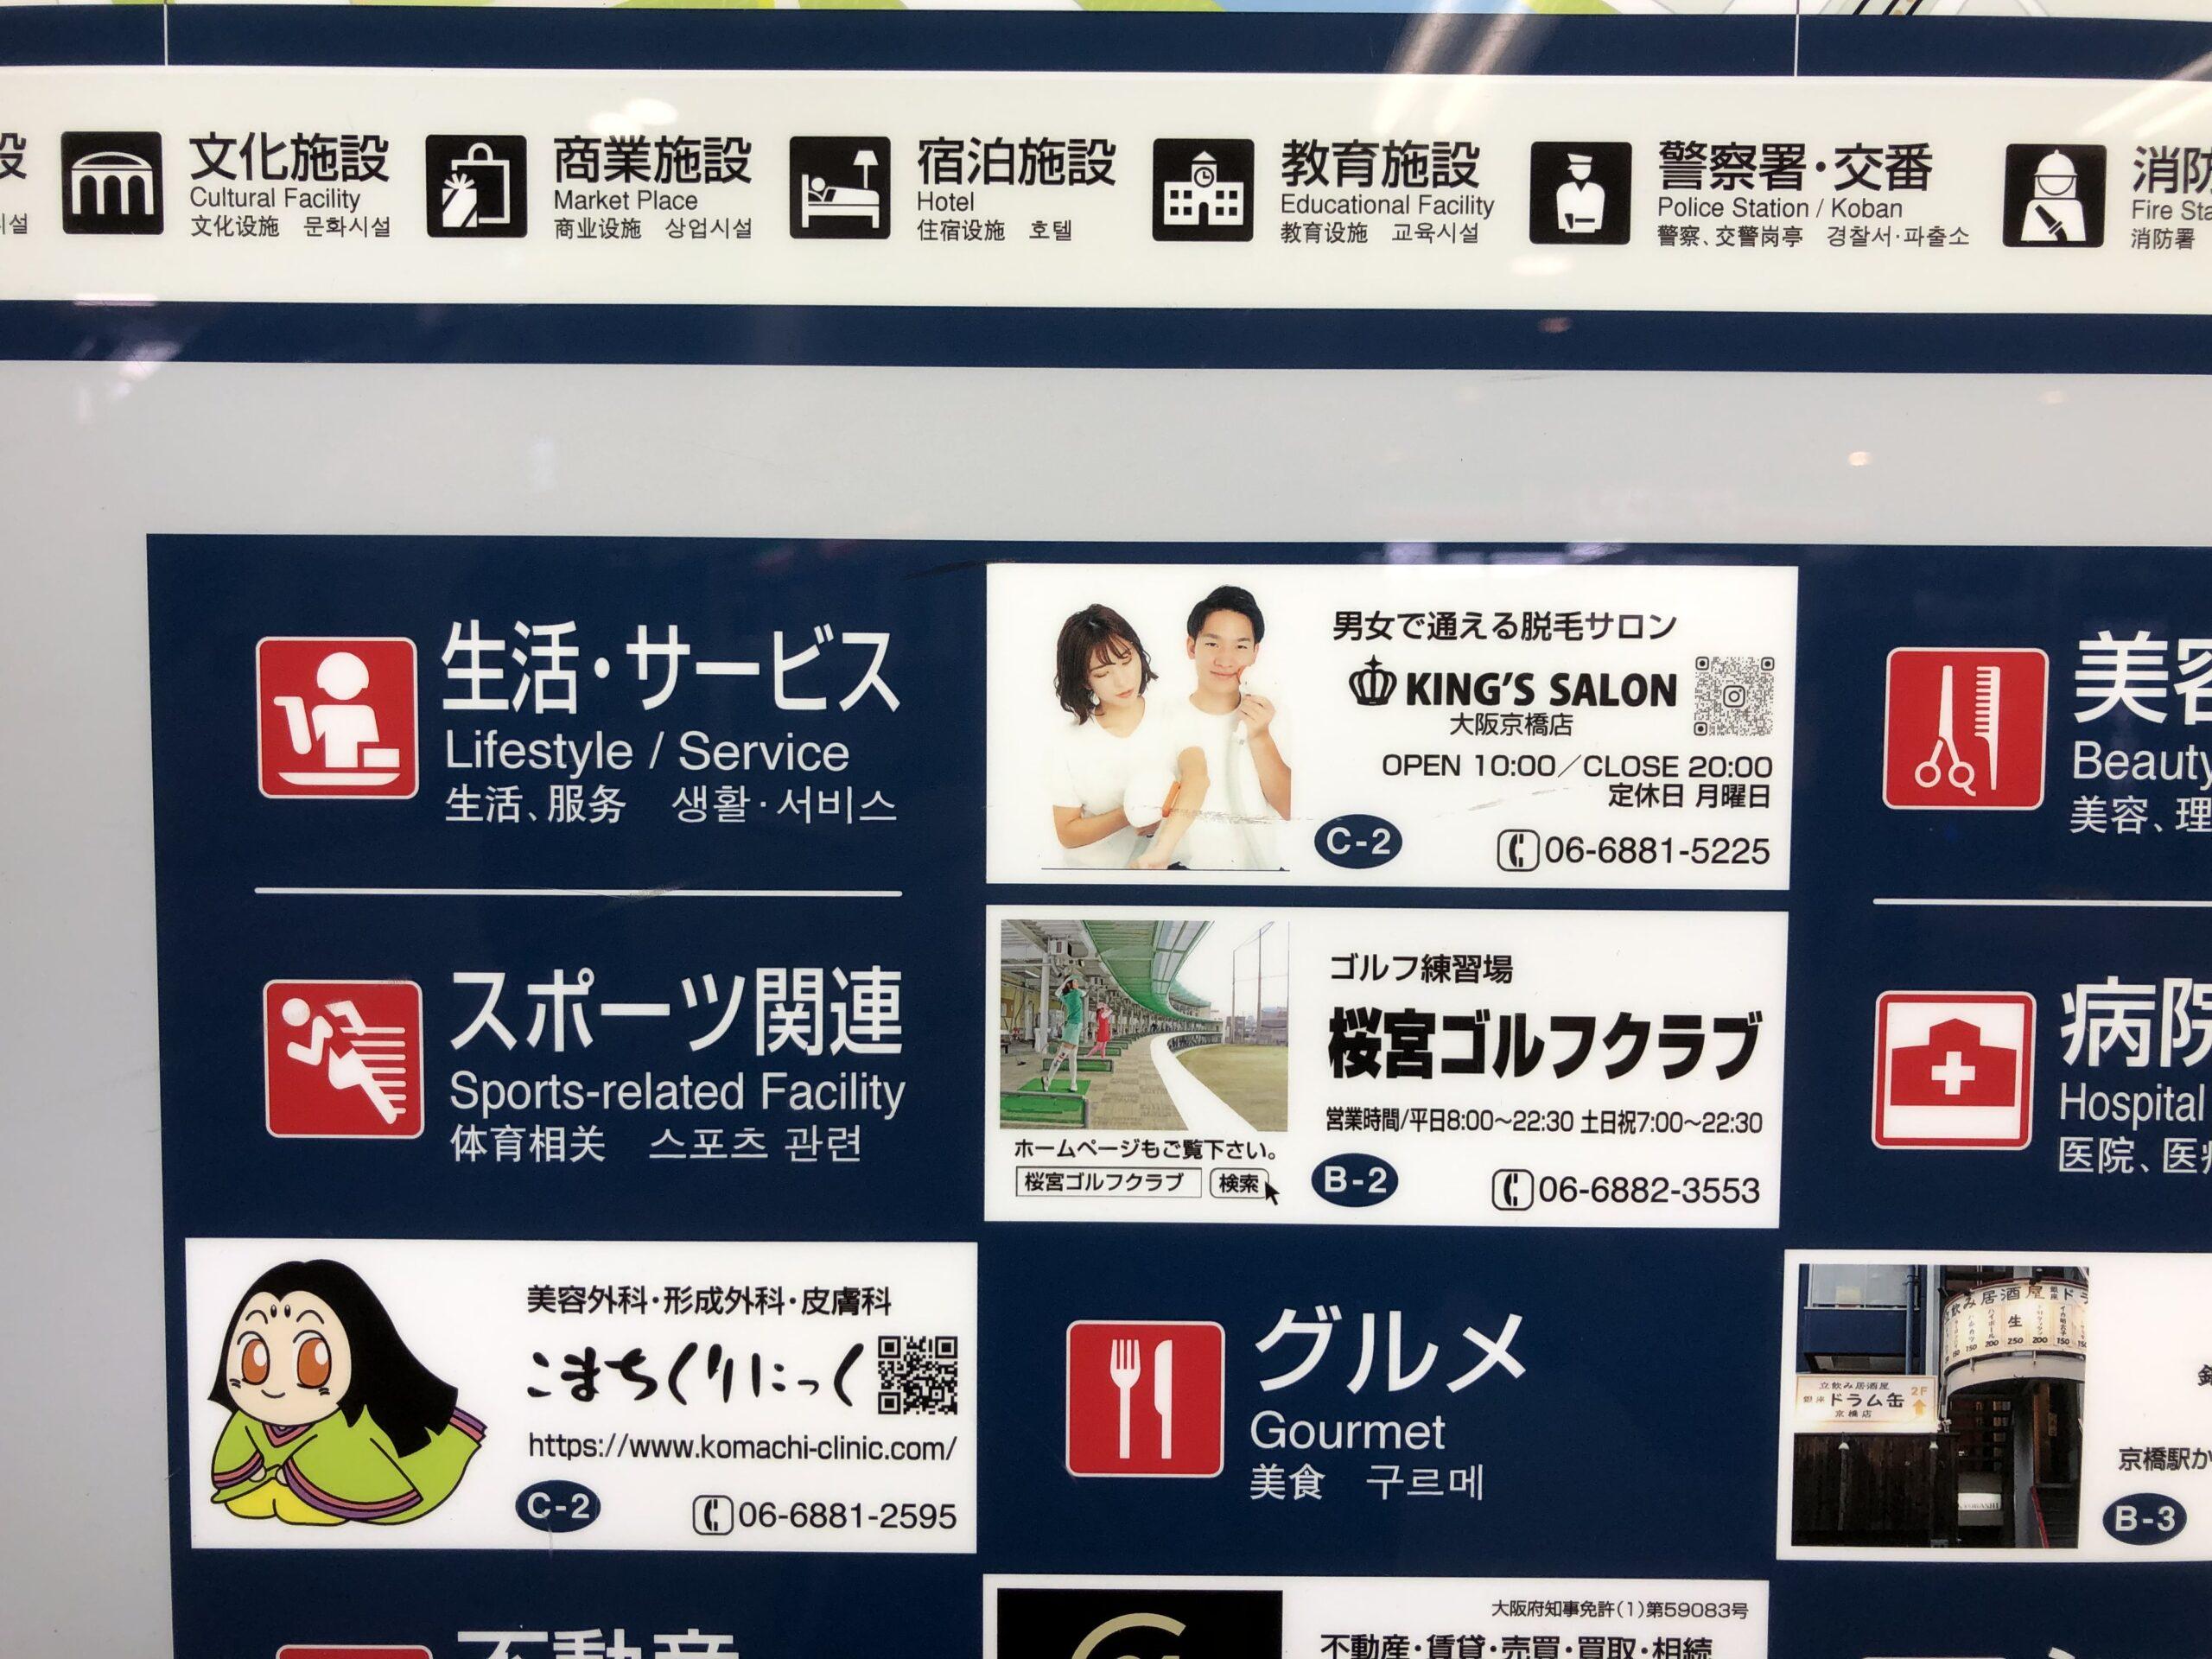 ひそかに掲載しております 大阪京橋店のサムネイル画像